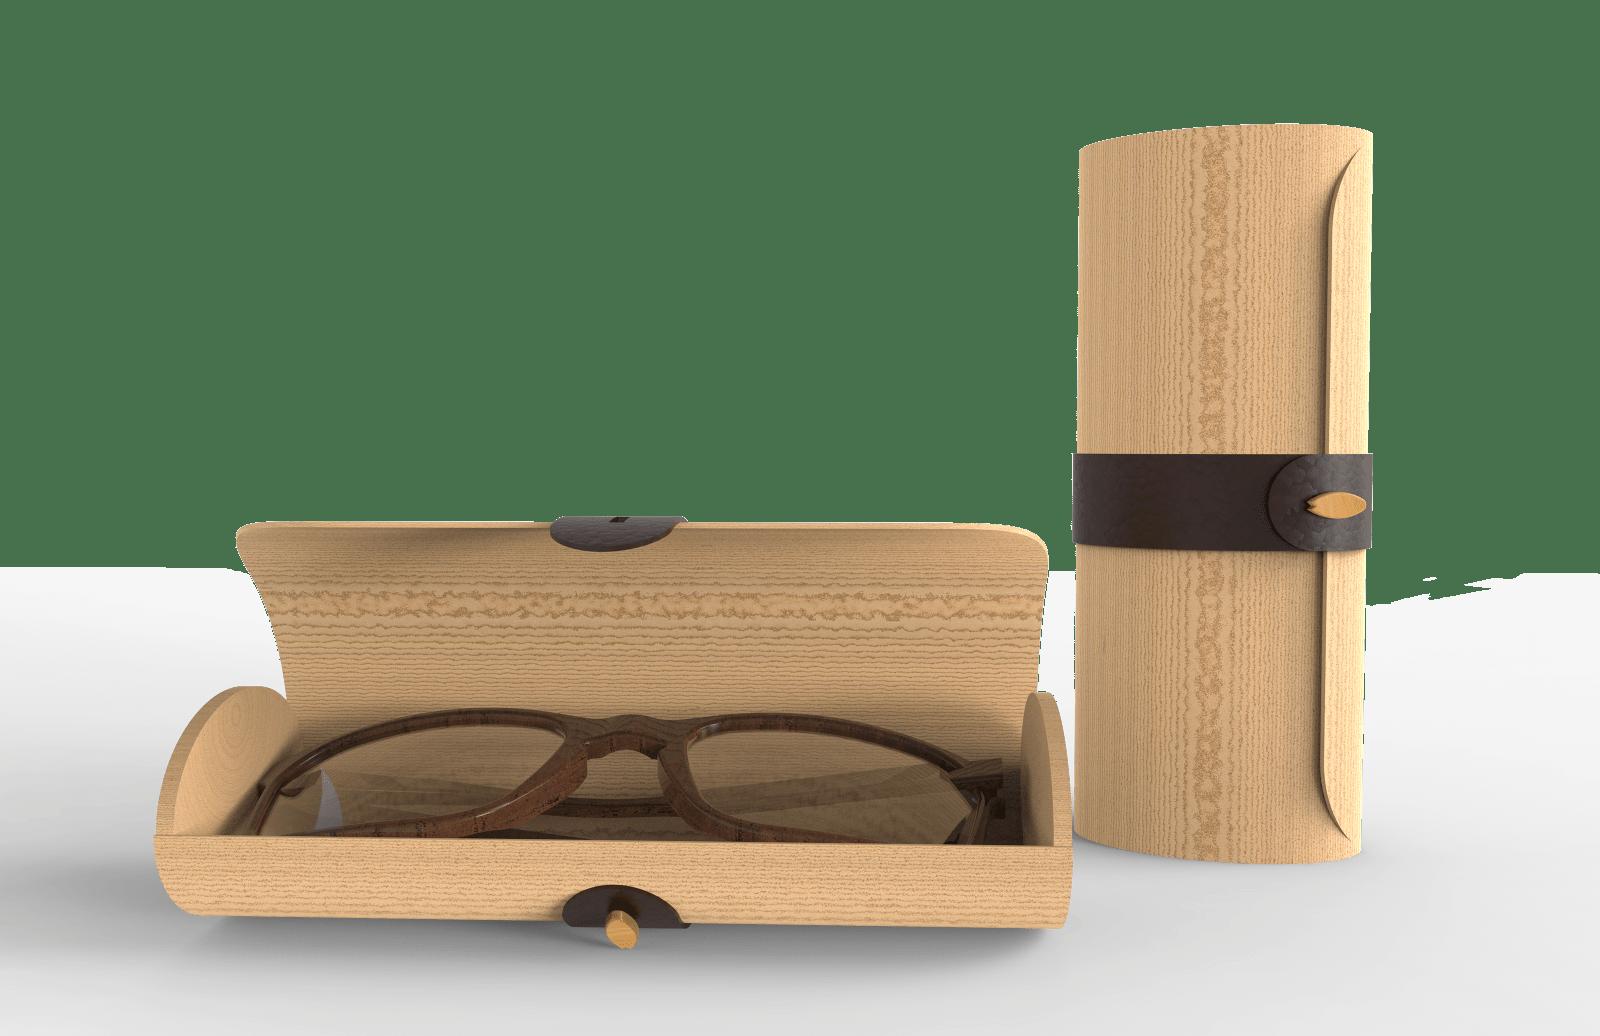 Conception d'un étui à lunettes